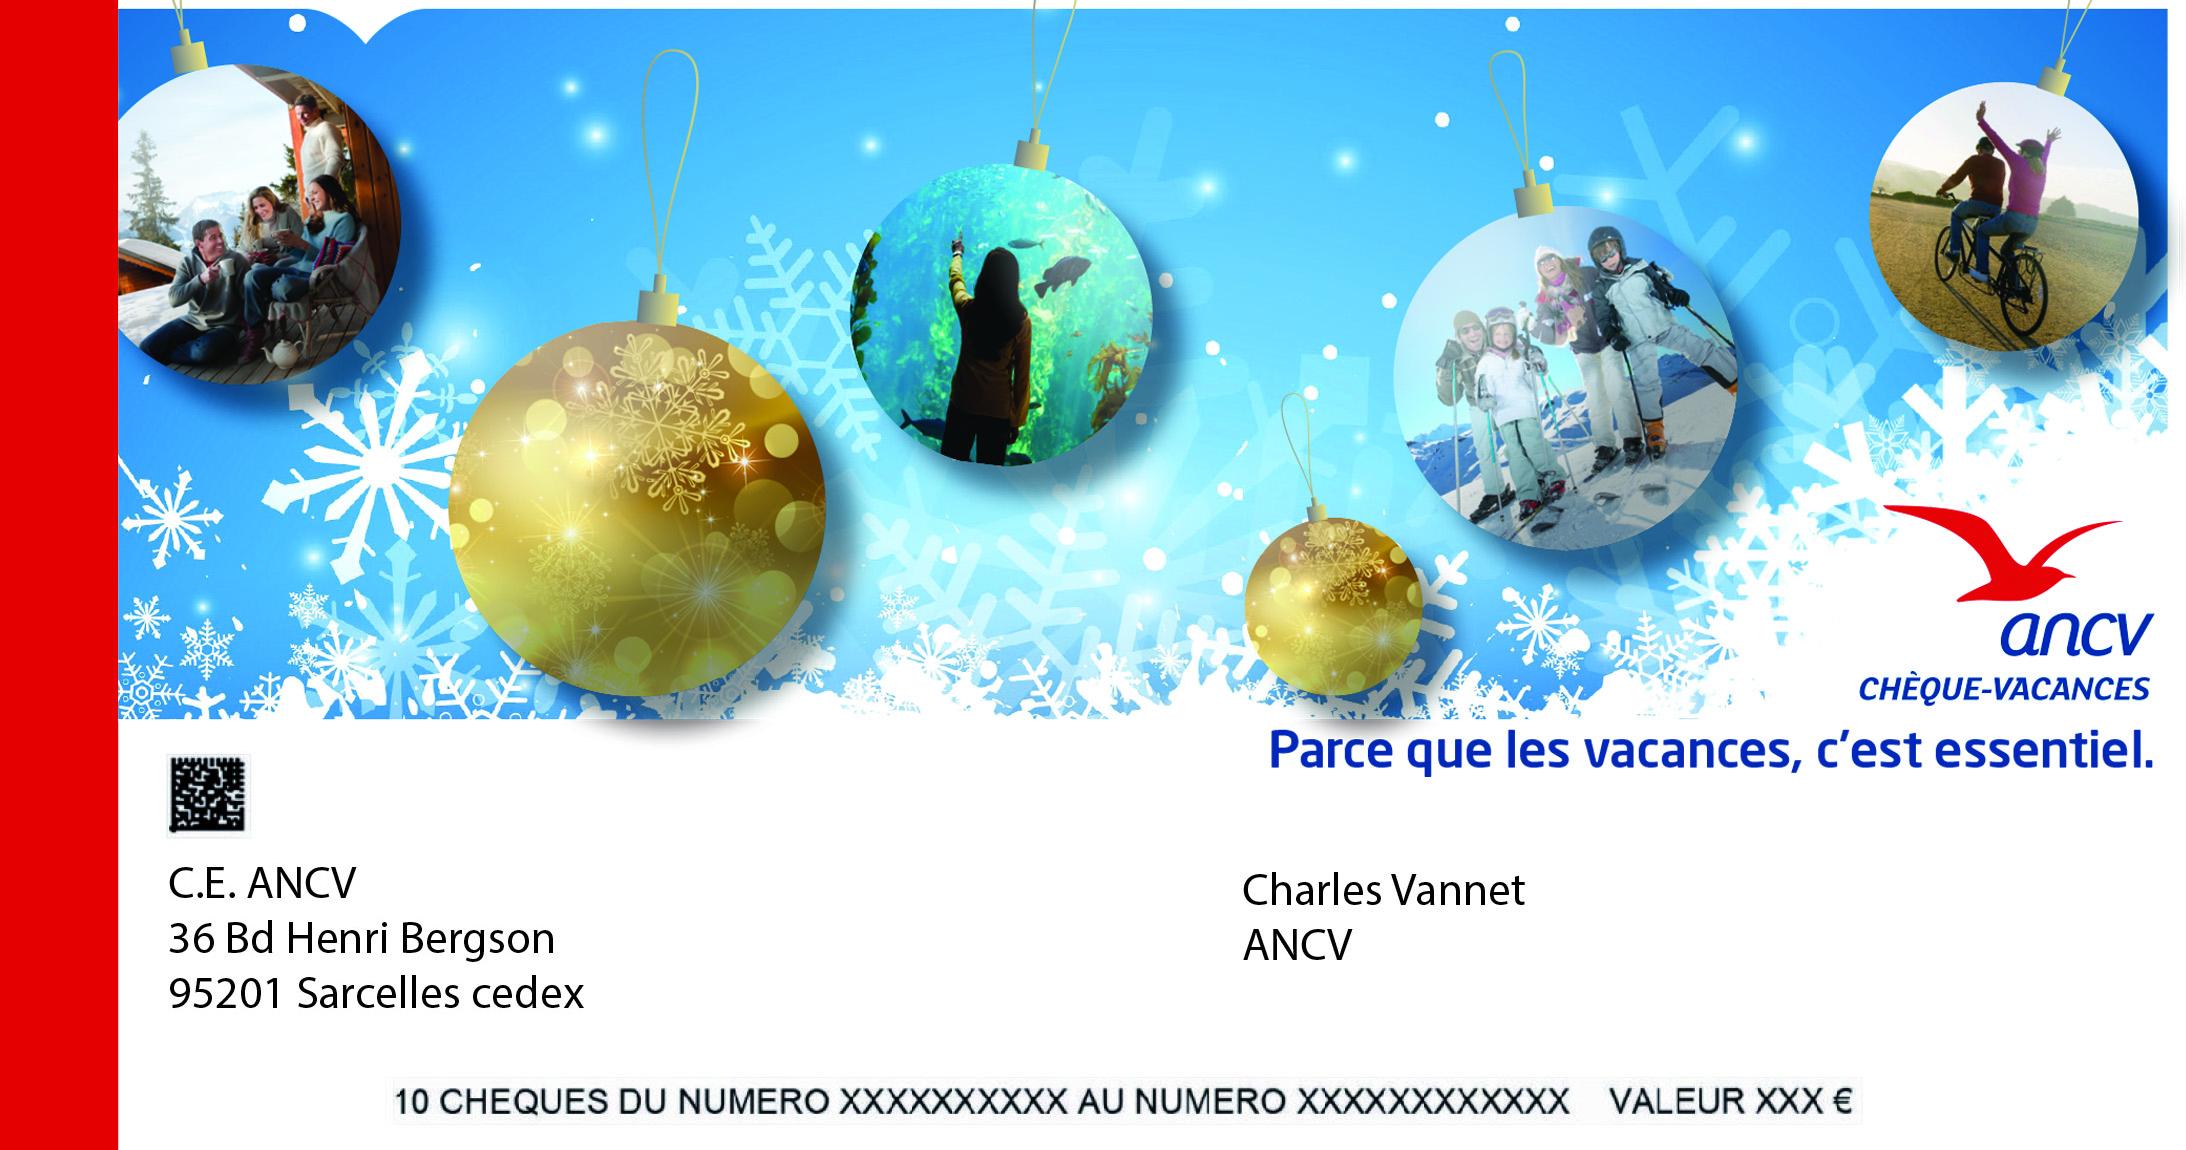 La Case De L Oncle Dom Ancv Les Cheques Vacances En Bois Dont